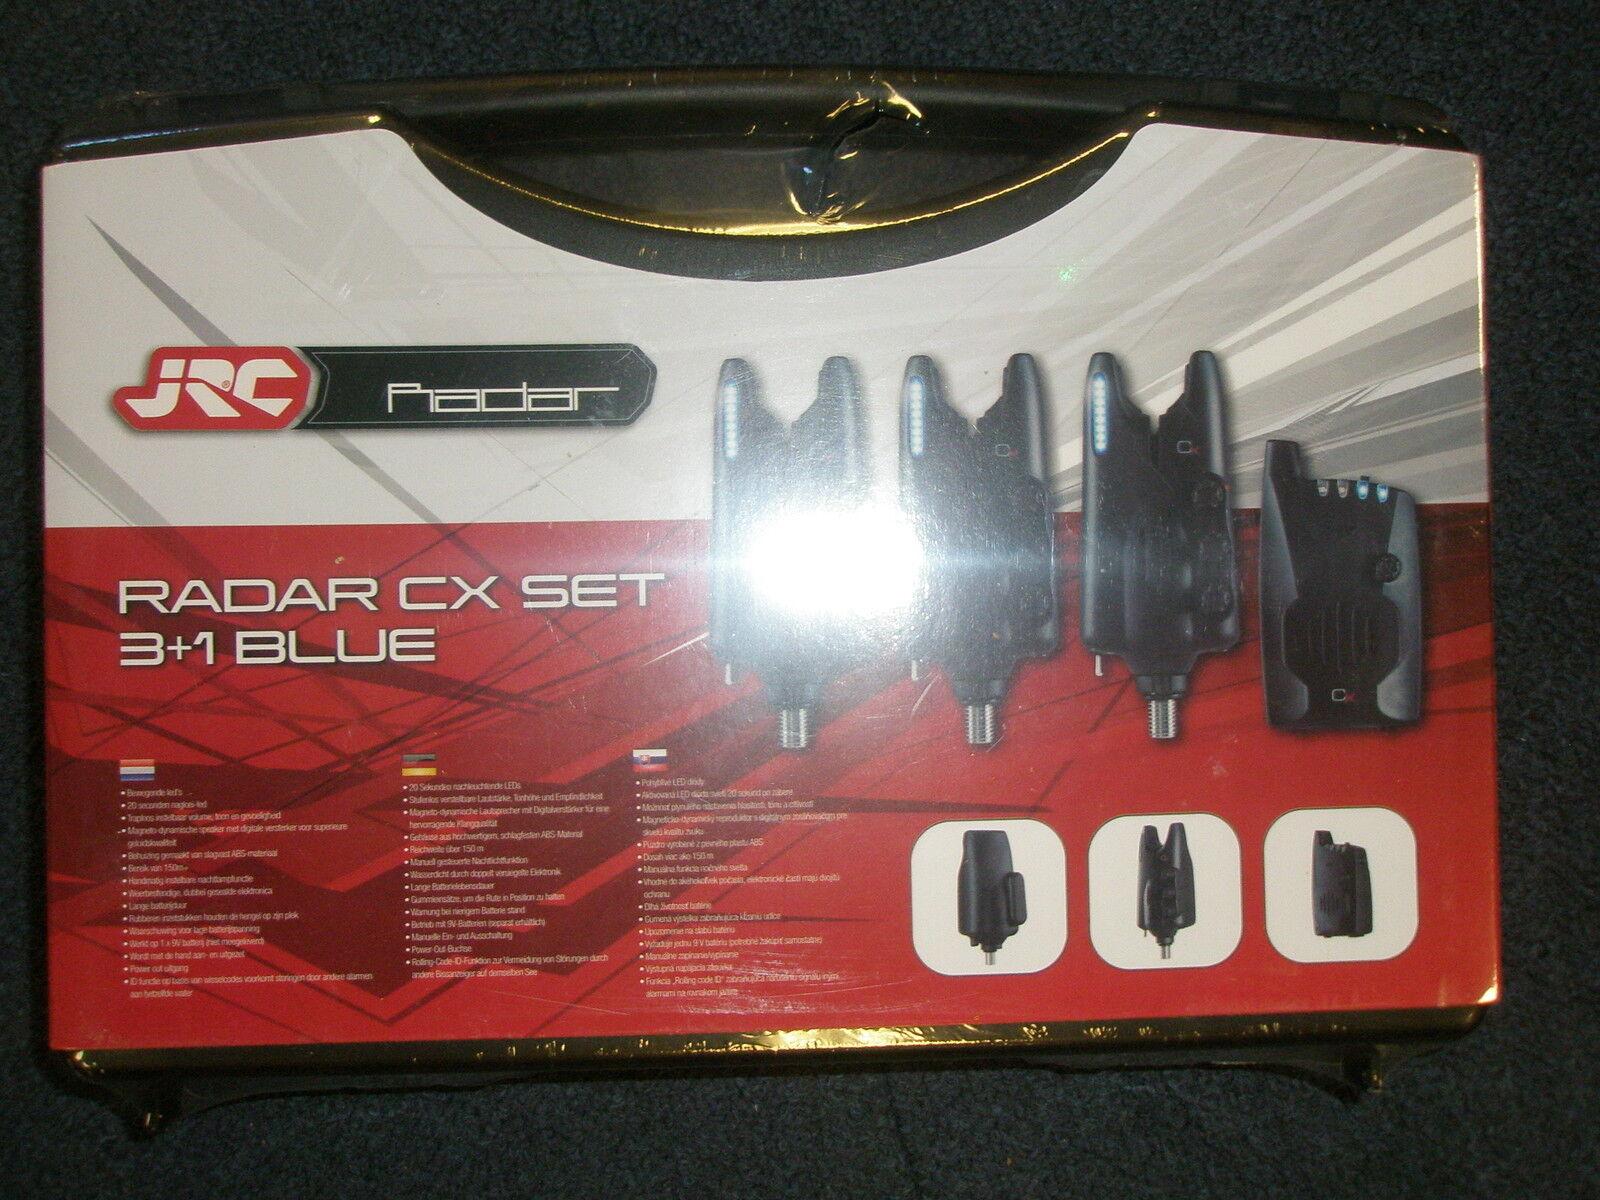 Jrc Radar Cx 3+1 Alarm + Empfänger-satz Alle Blau Karpfenangeln Ausrüstung